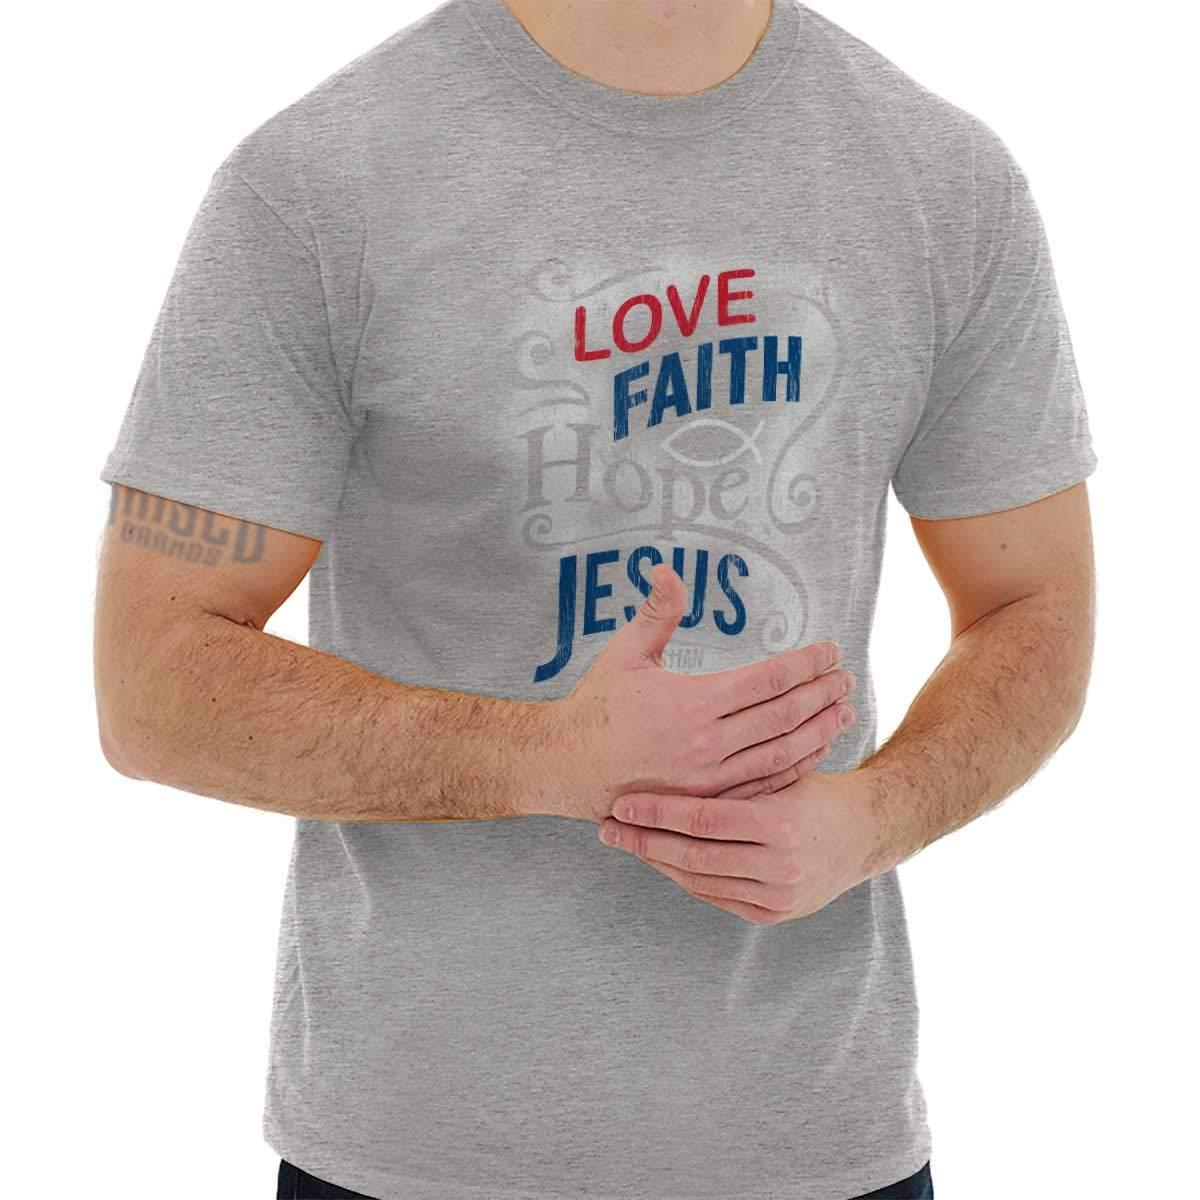 Christian T-Shirt - Love Faith Hope 18A106-Sport Grey, Large, Sport Grey,Sport Grey,Large